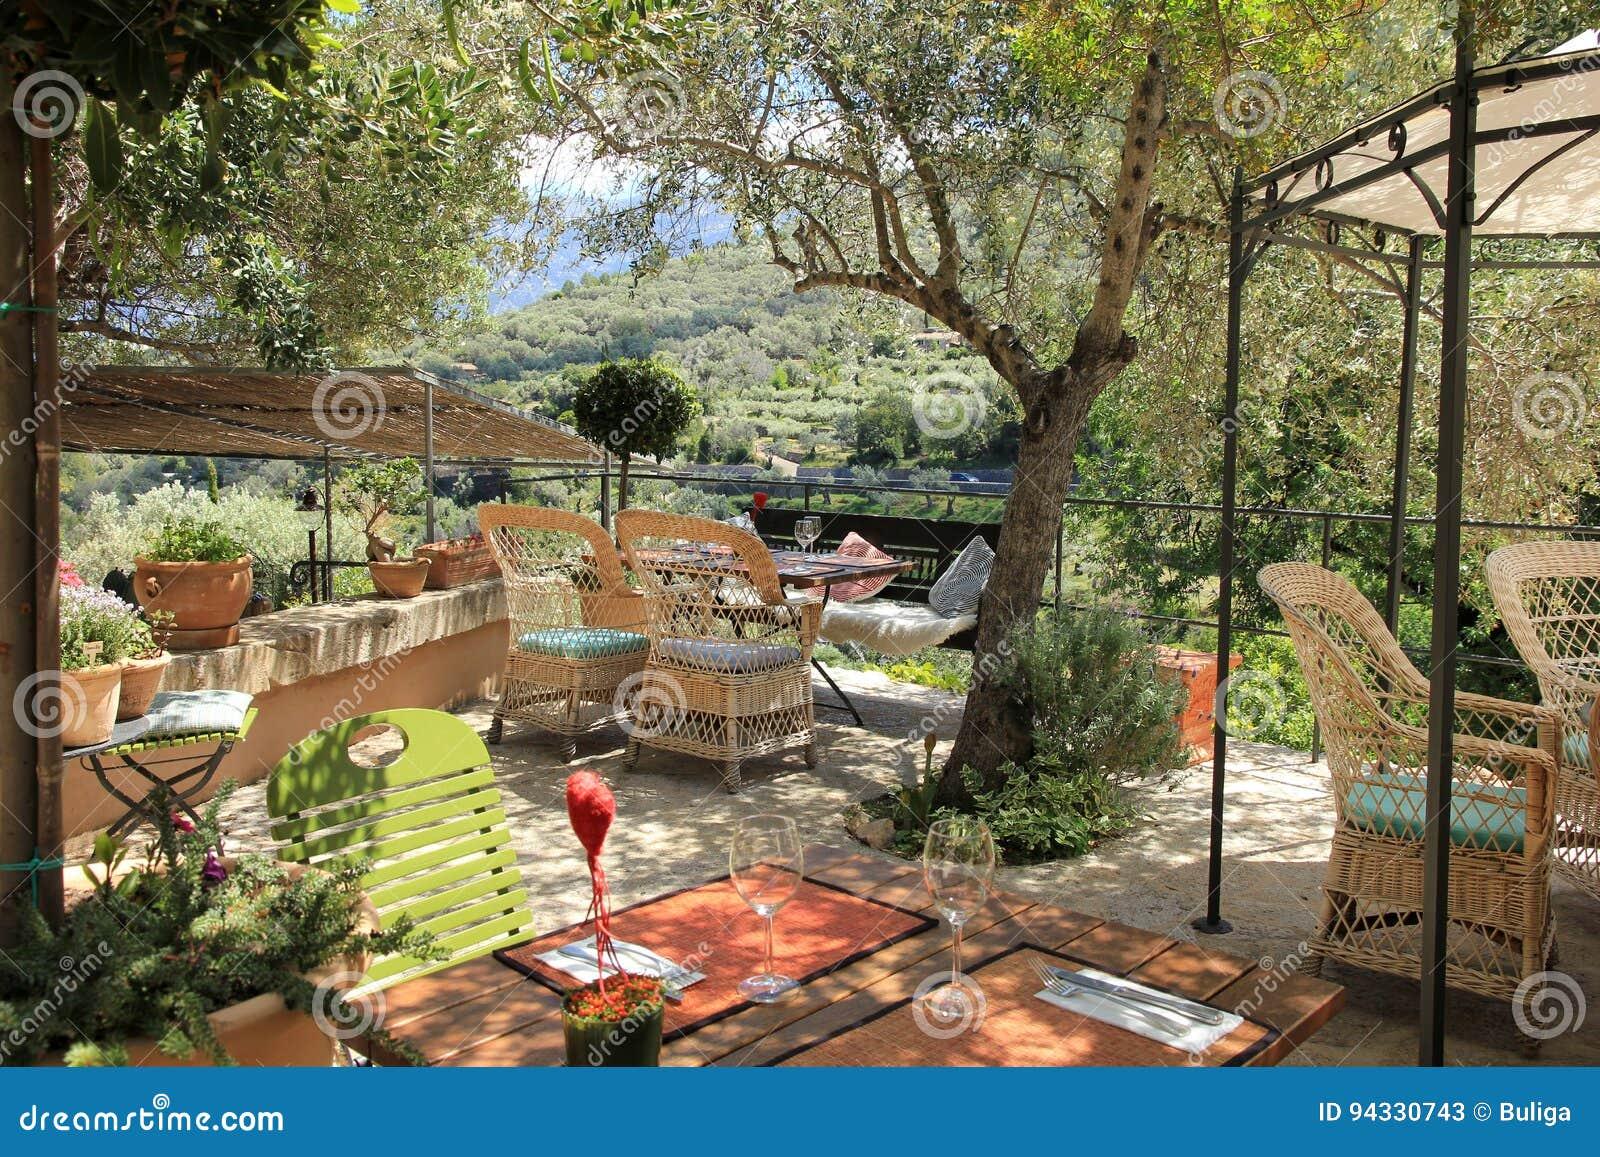 Terrasse Avec Les Meubles Méditerranéens Image stock - Image ...